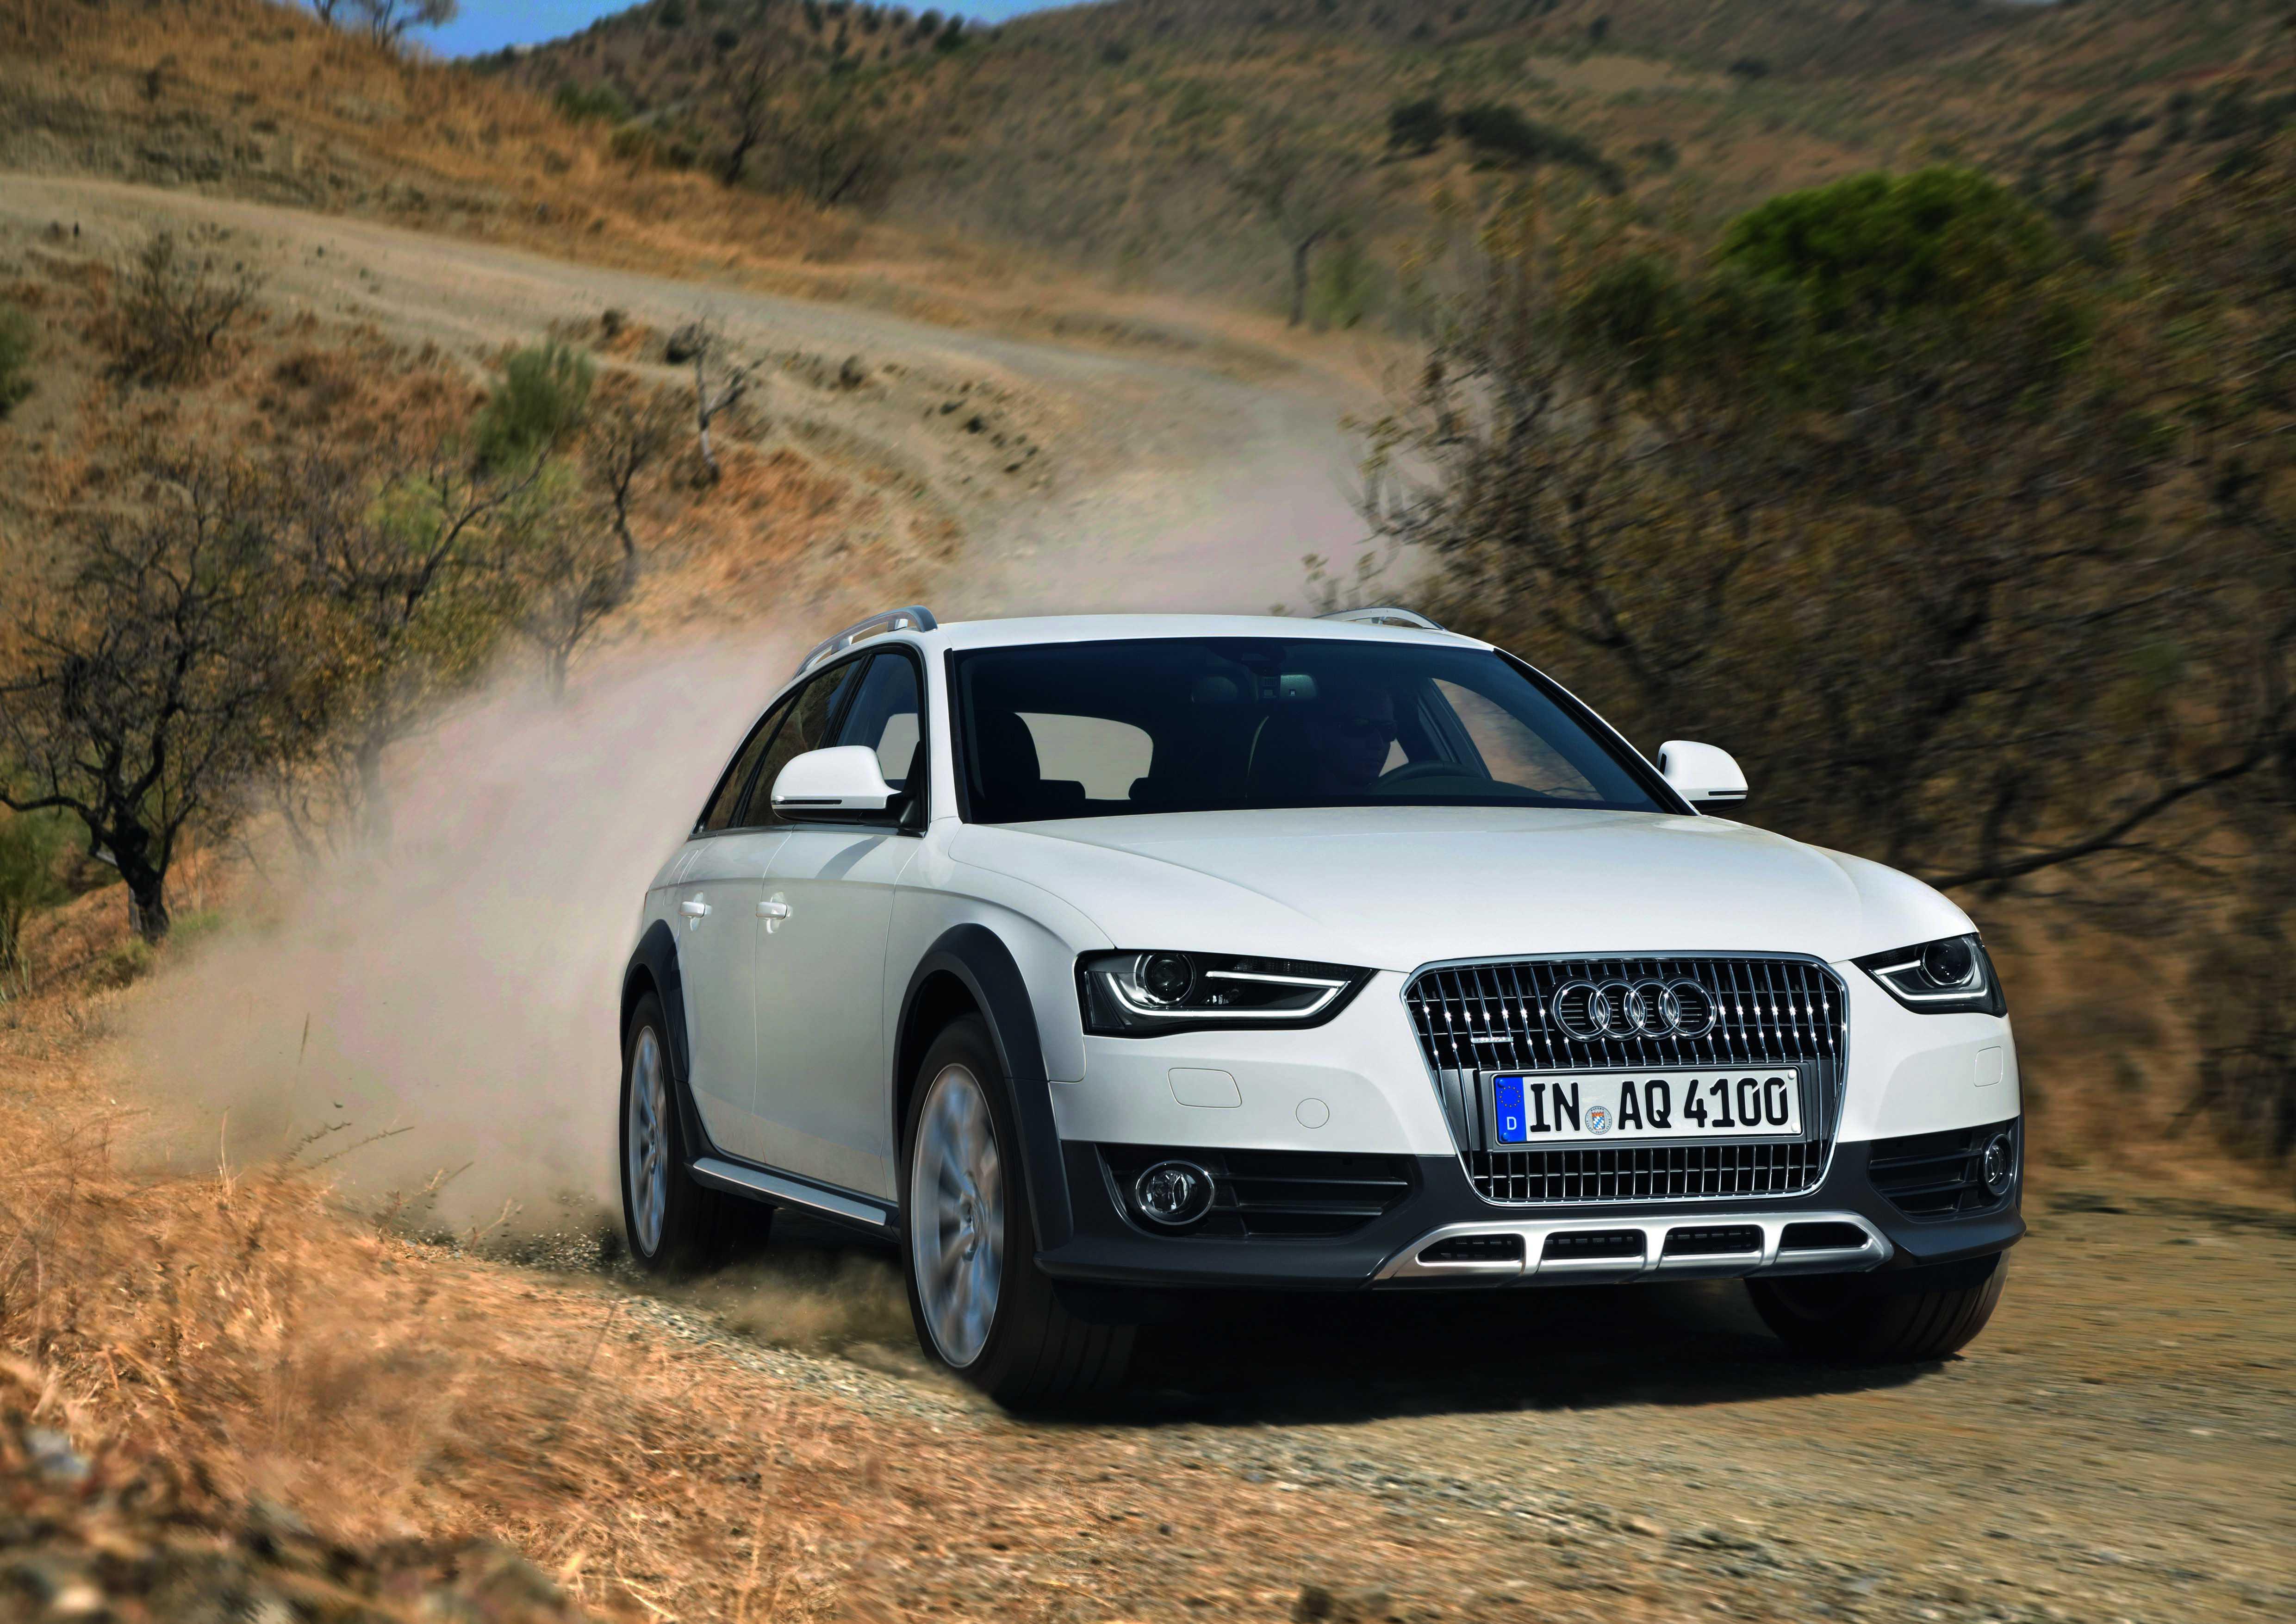 Kelebihan Audi A4 Allroad 2014 Top Model Tahun Ini